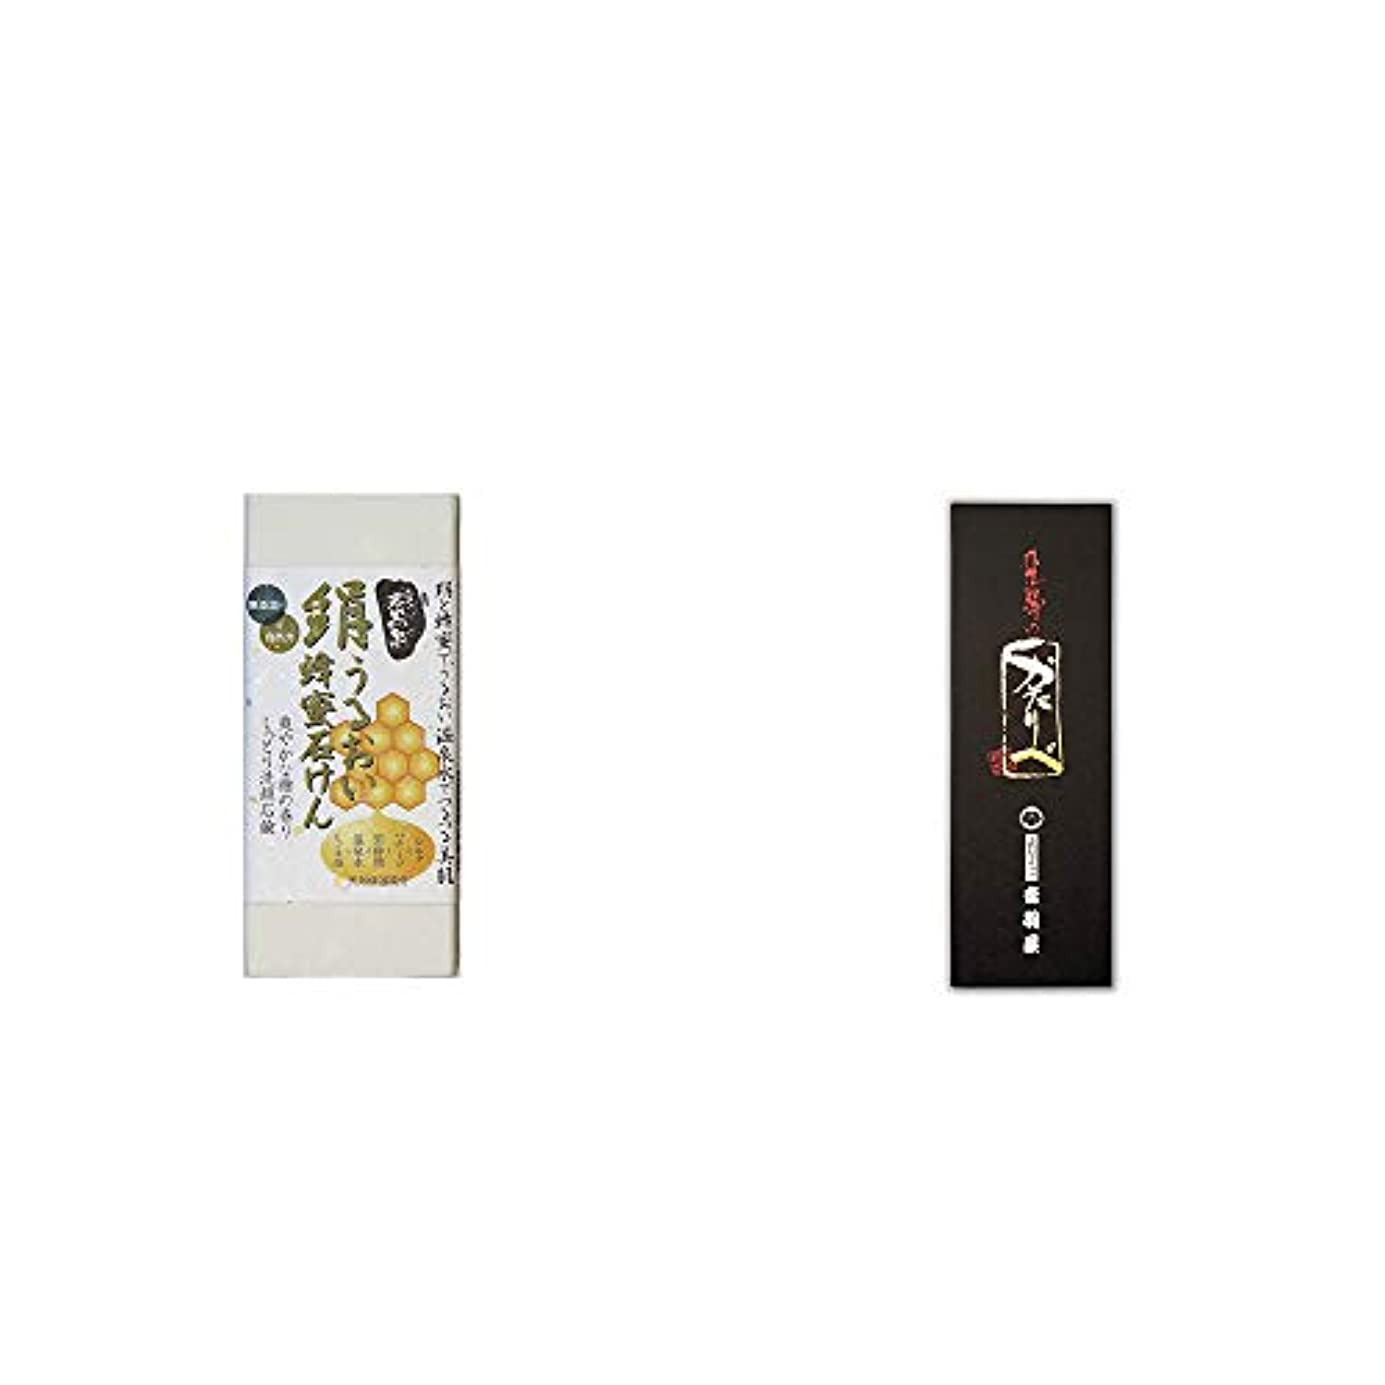 解放する傾斜レコーダー[2点セット] ひのき炭黒泉 絹うるおい蜂蜜石けん(75g×2)?岐阜銘菓 音羽屋 飛騨のかたりべ[6個入]